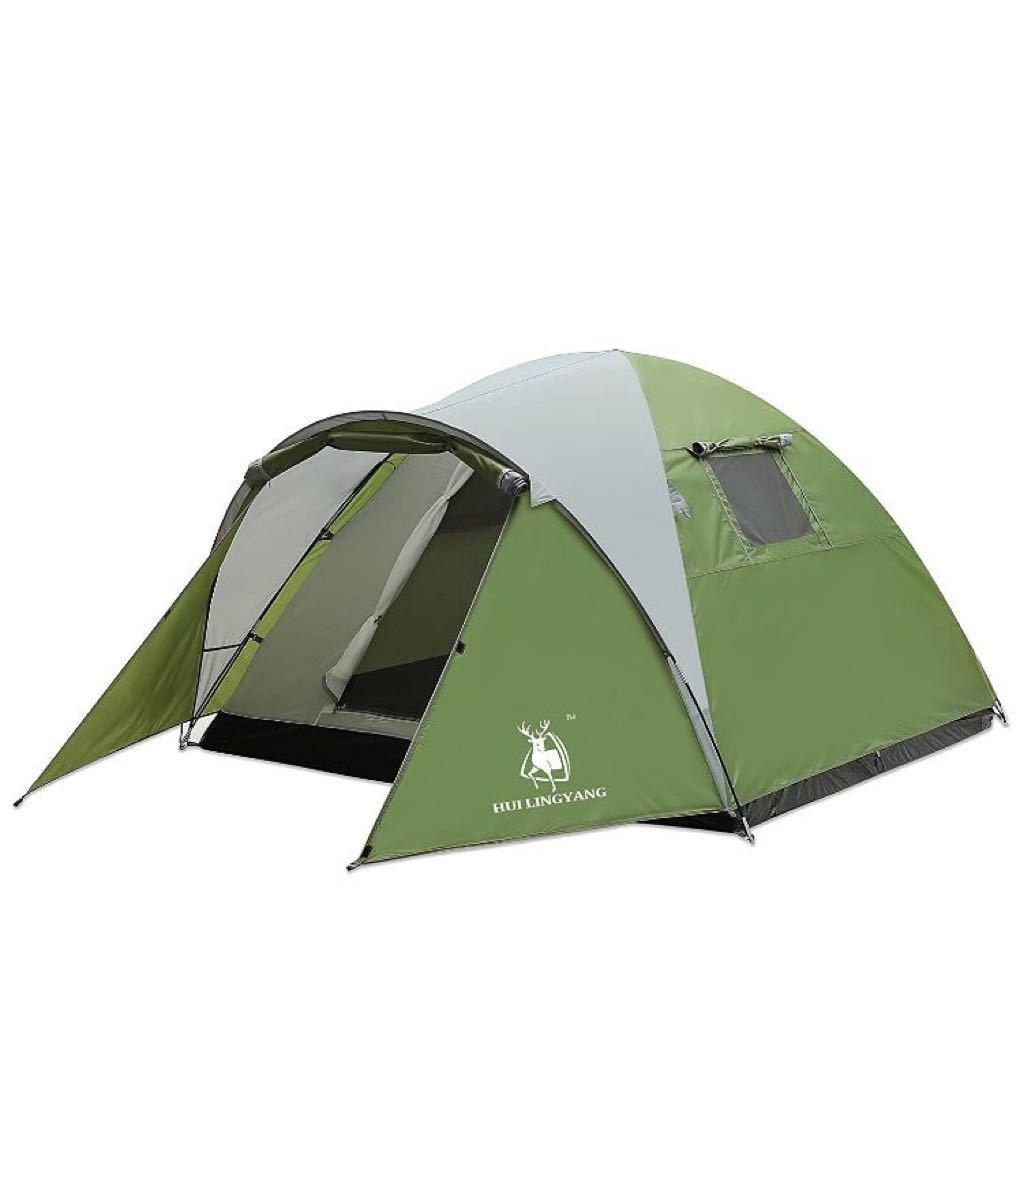 テント アウトドア 3-4人用 コンパクト 前室あり 二重層 防風 防水設営簡単